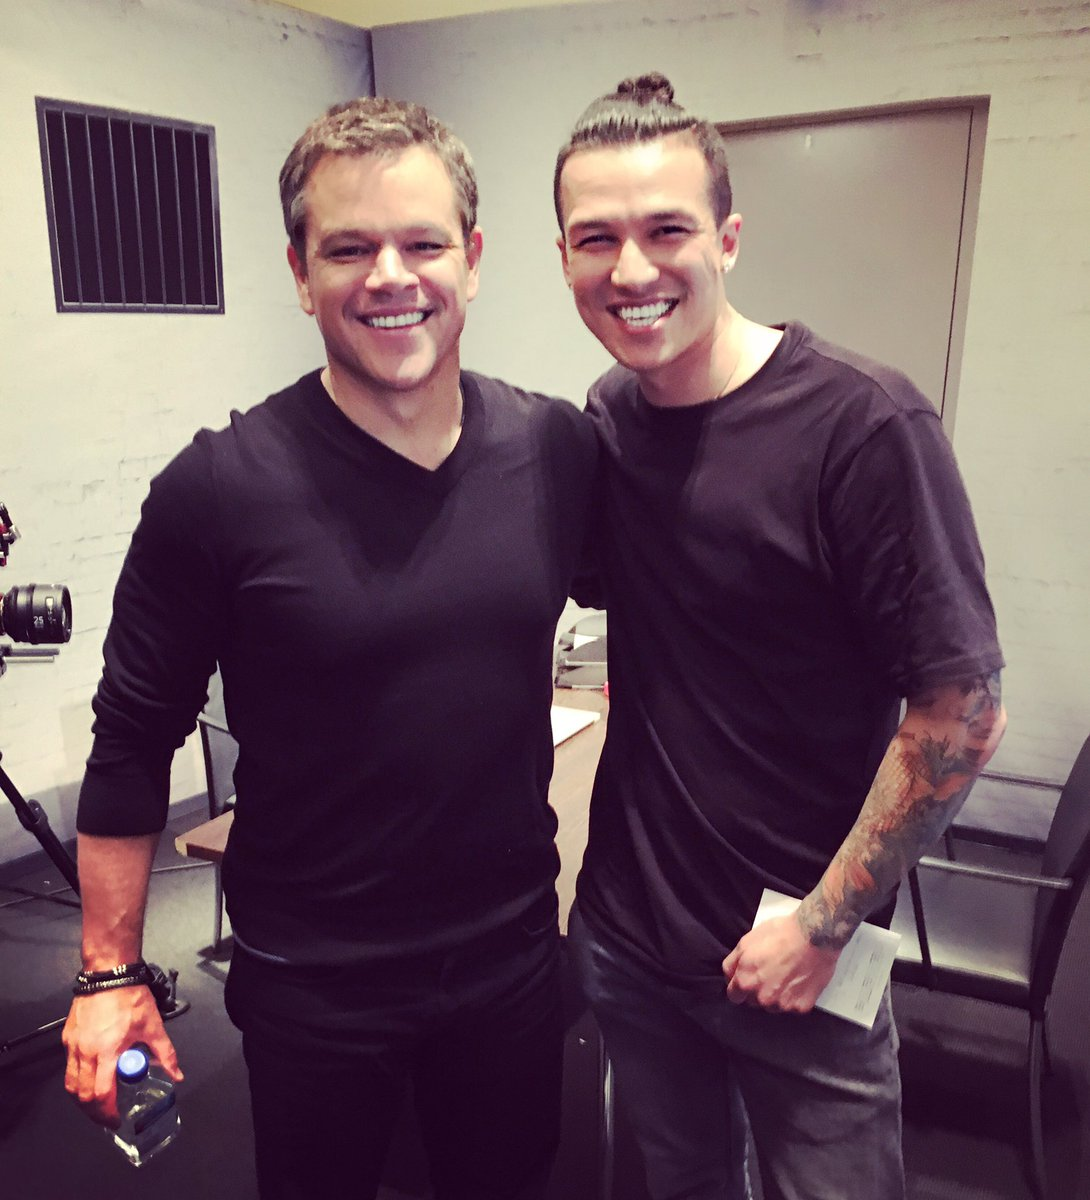 Ich liebe diesen Typen!! Richtig sympathischer Dude! ✌🏻️❤️ #MattDamon #Bourne